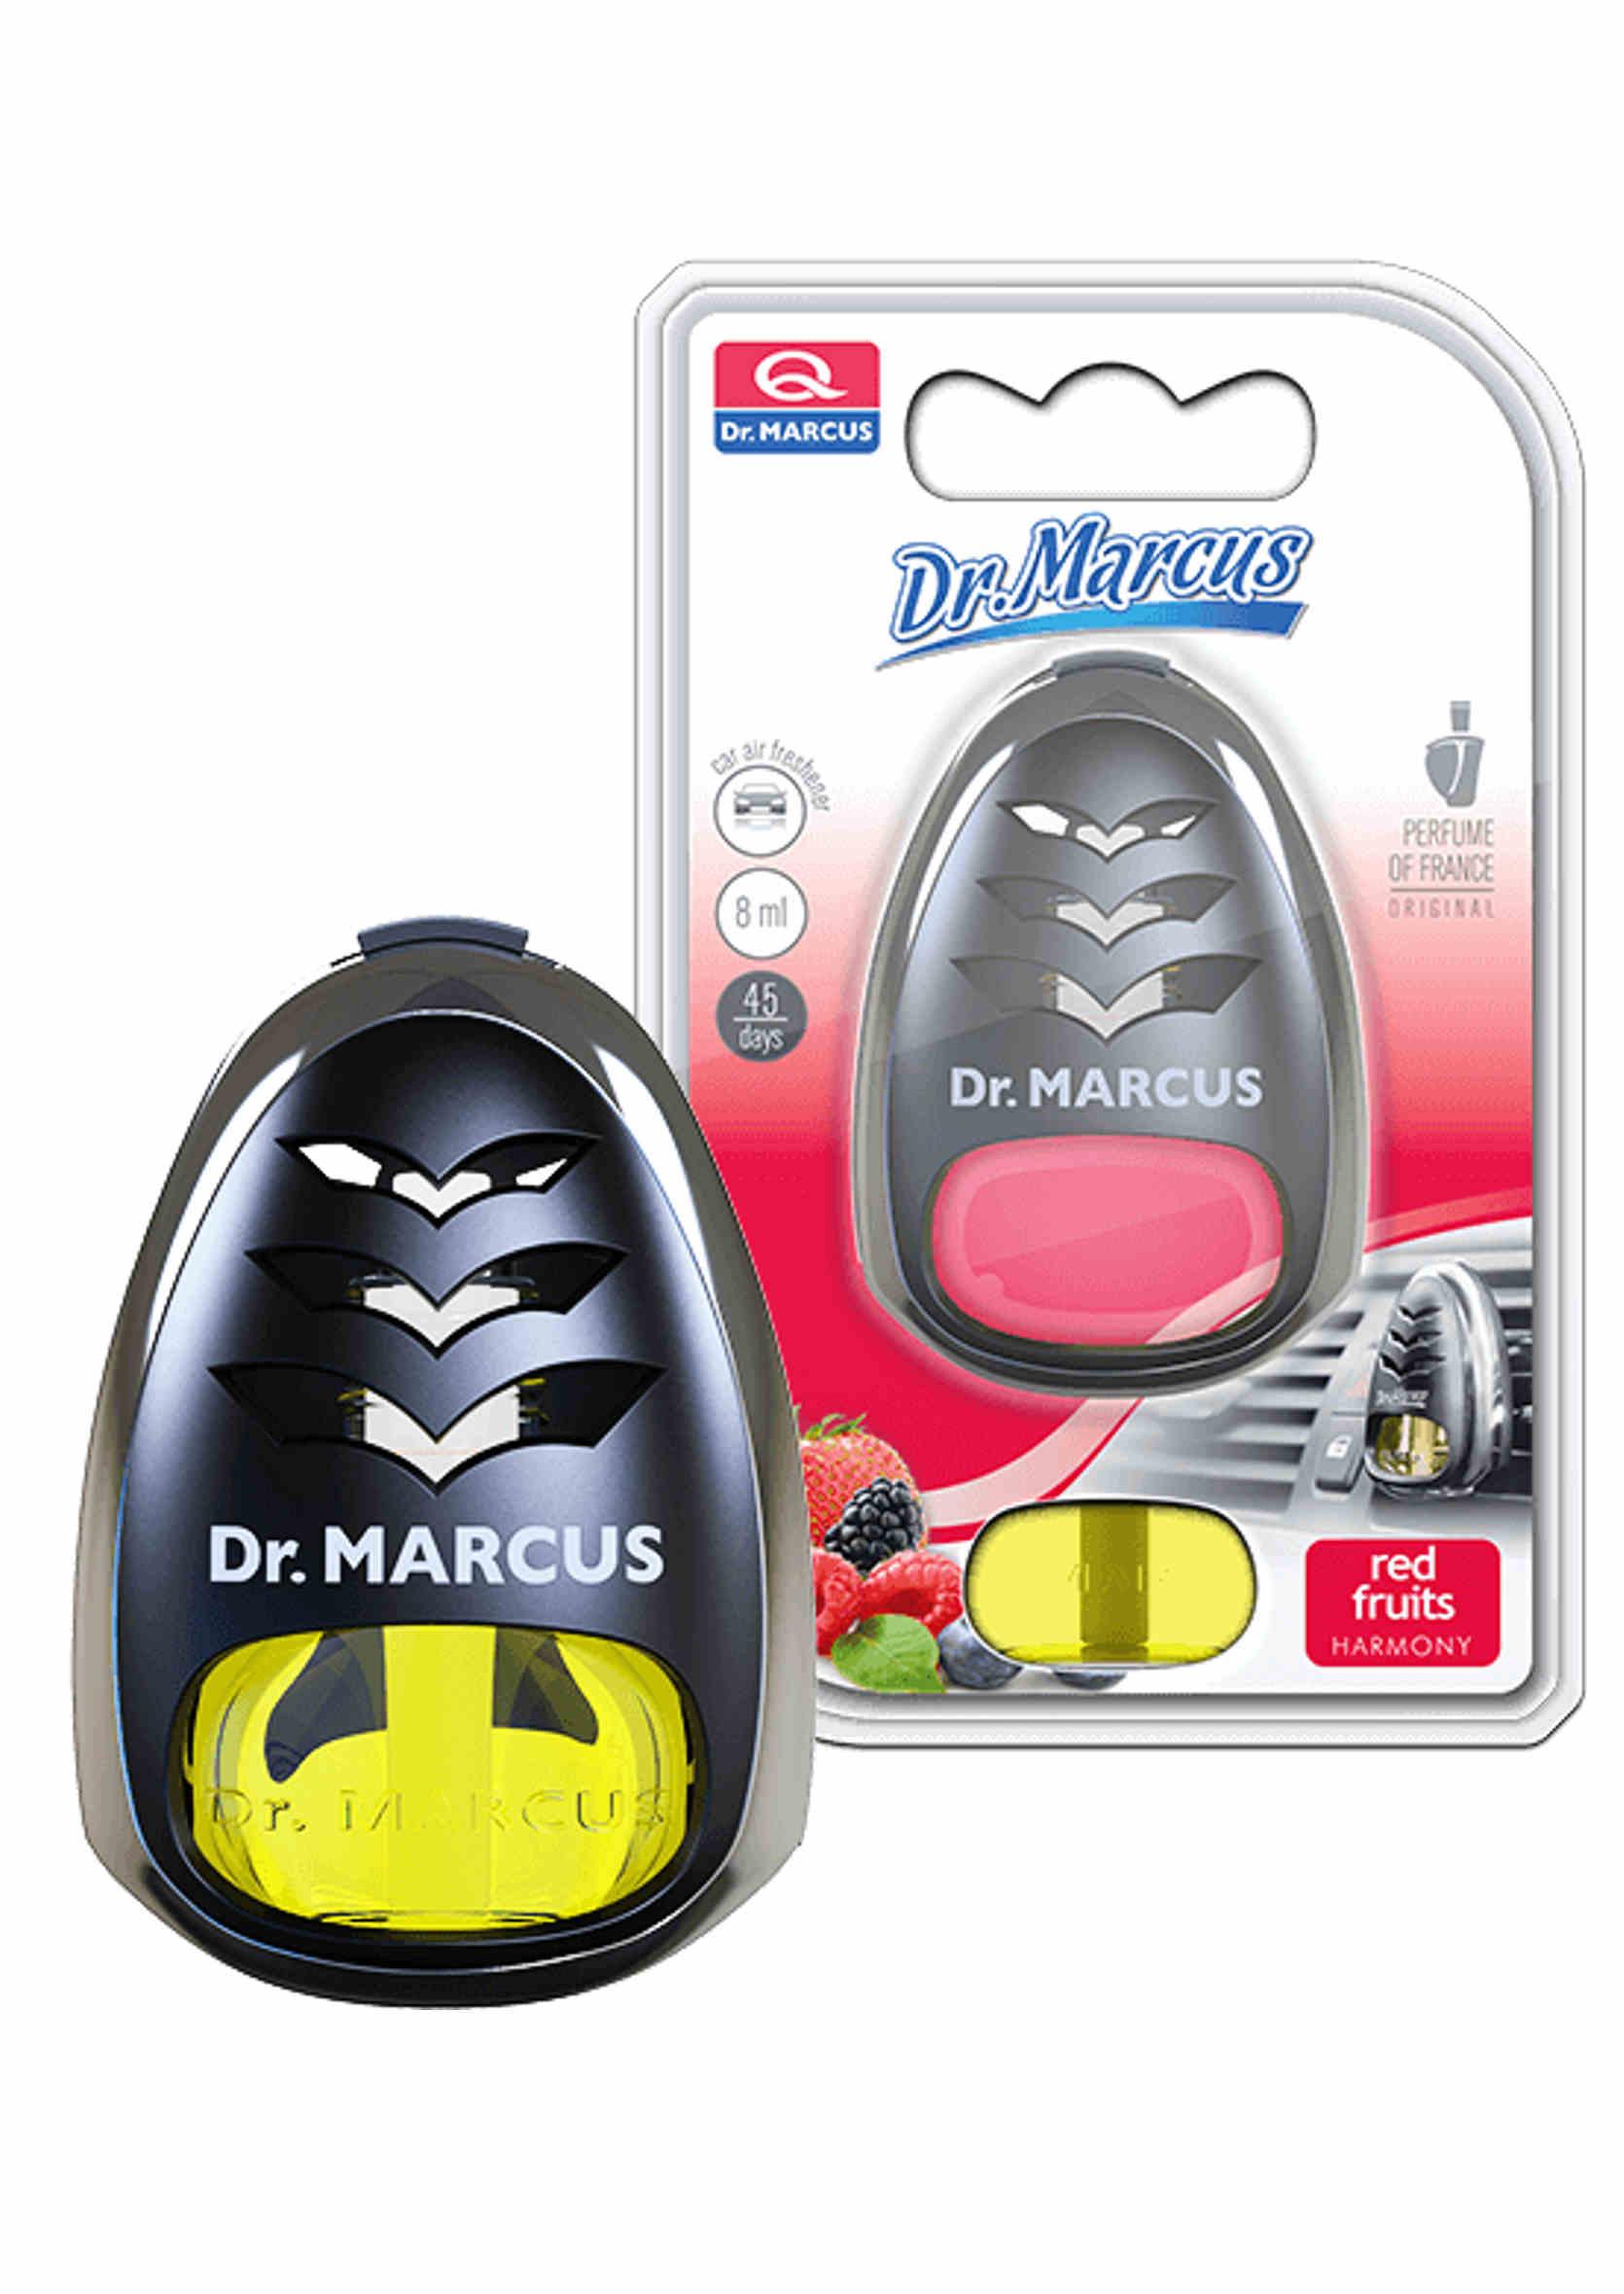 Dr. Marcus Harmony Red Fruits 8ml Zapach Samochodowy